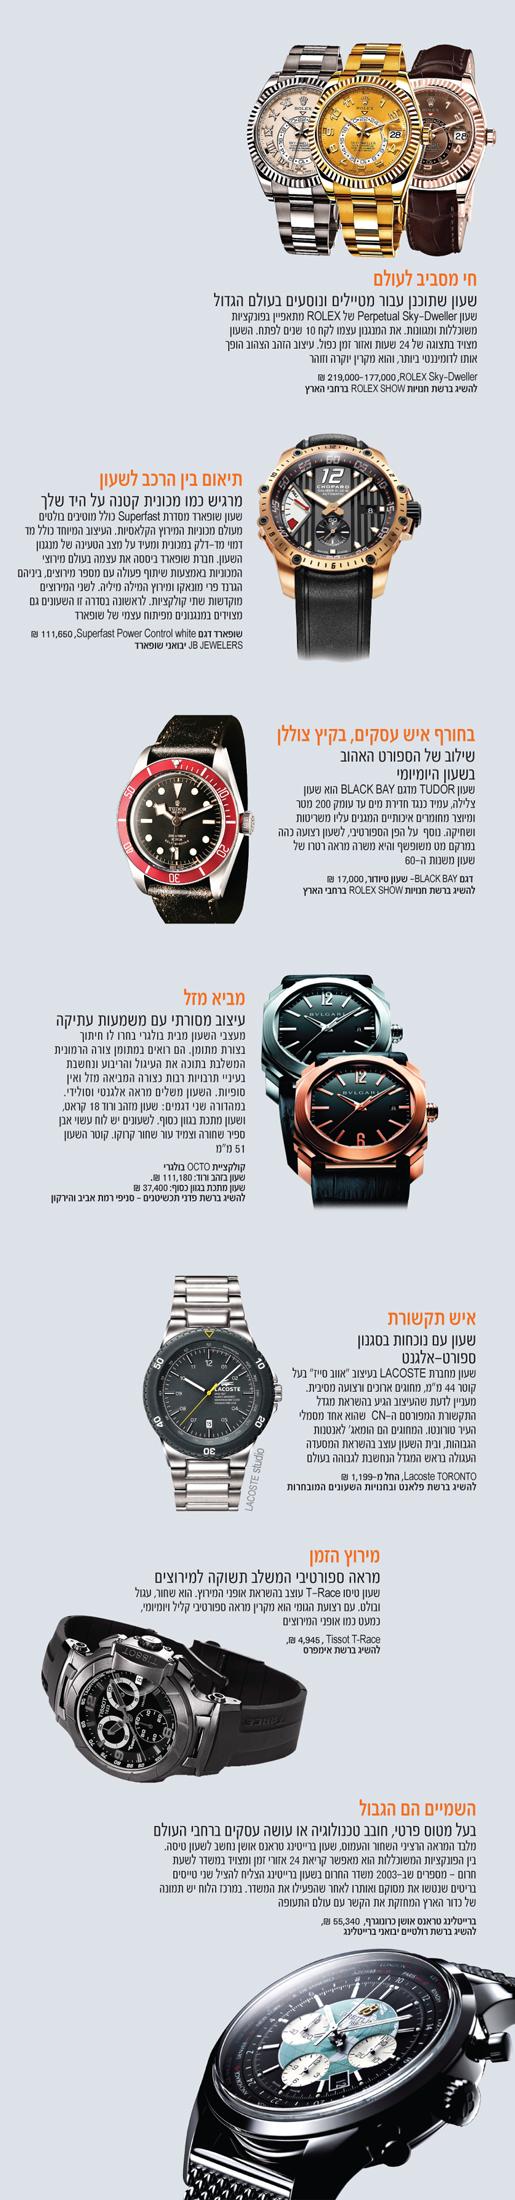 טרנדים חדשים בשעוני 2013 - גברים